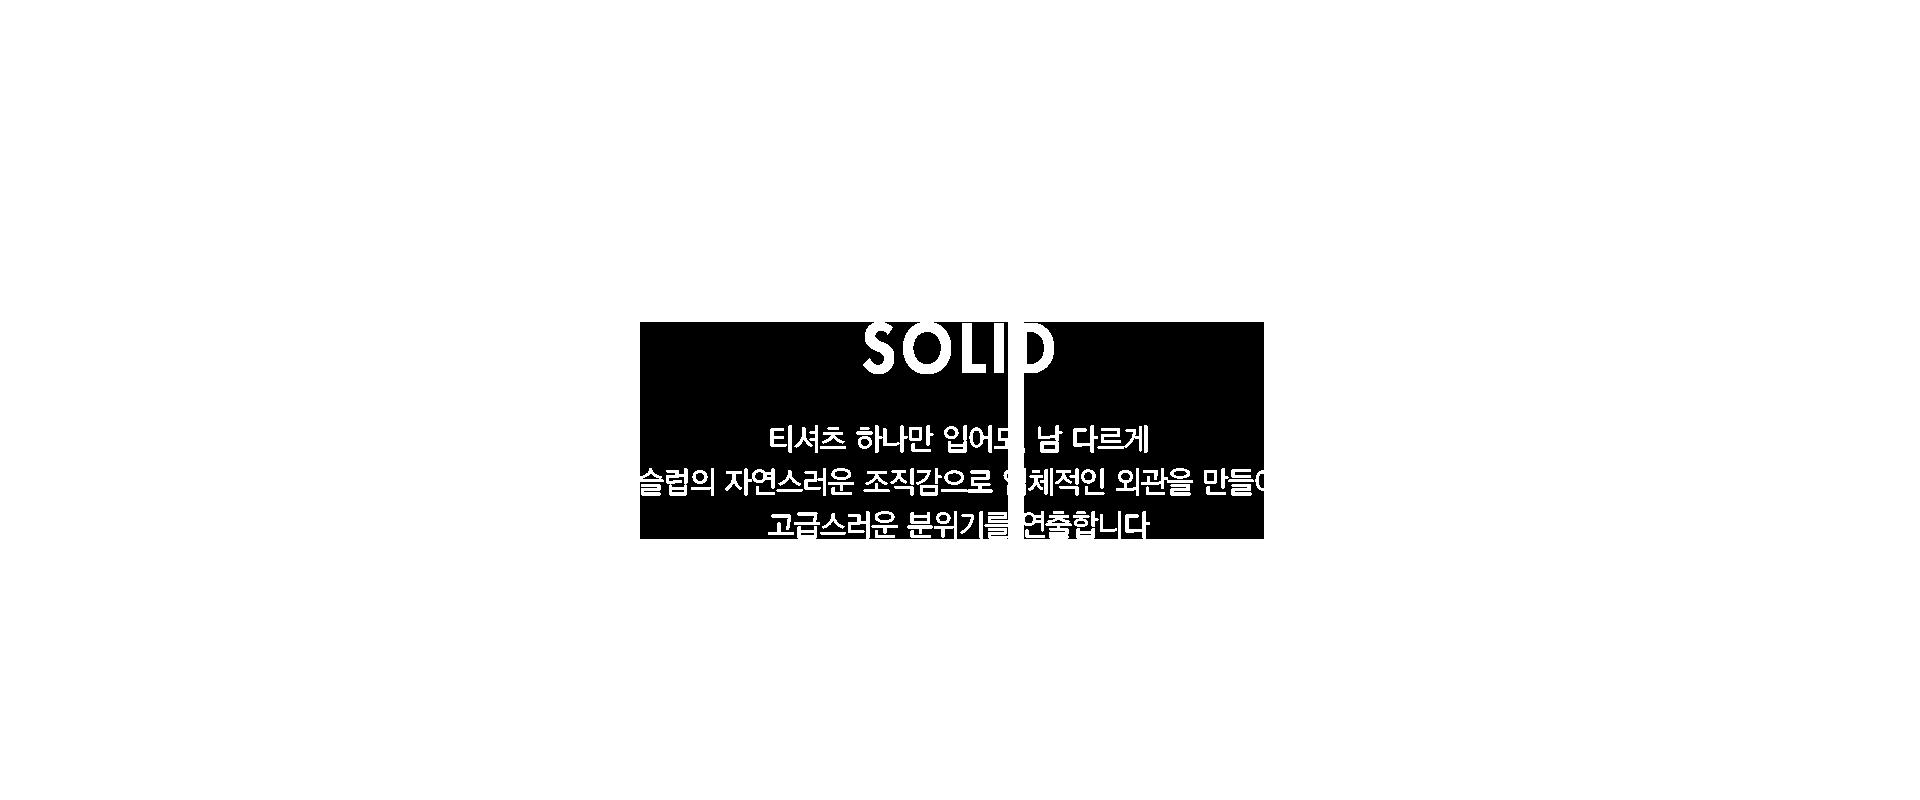 SOLID           티셔츠 하나만 입어도, 남 다르게           슬럽의 자연스러운 조직감으로 입체적인 외관을 만들어           고급스러운 분위기를 연출합니다.